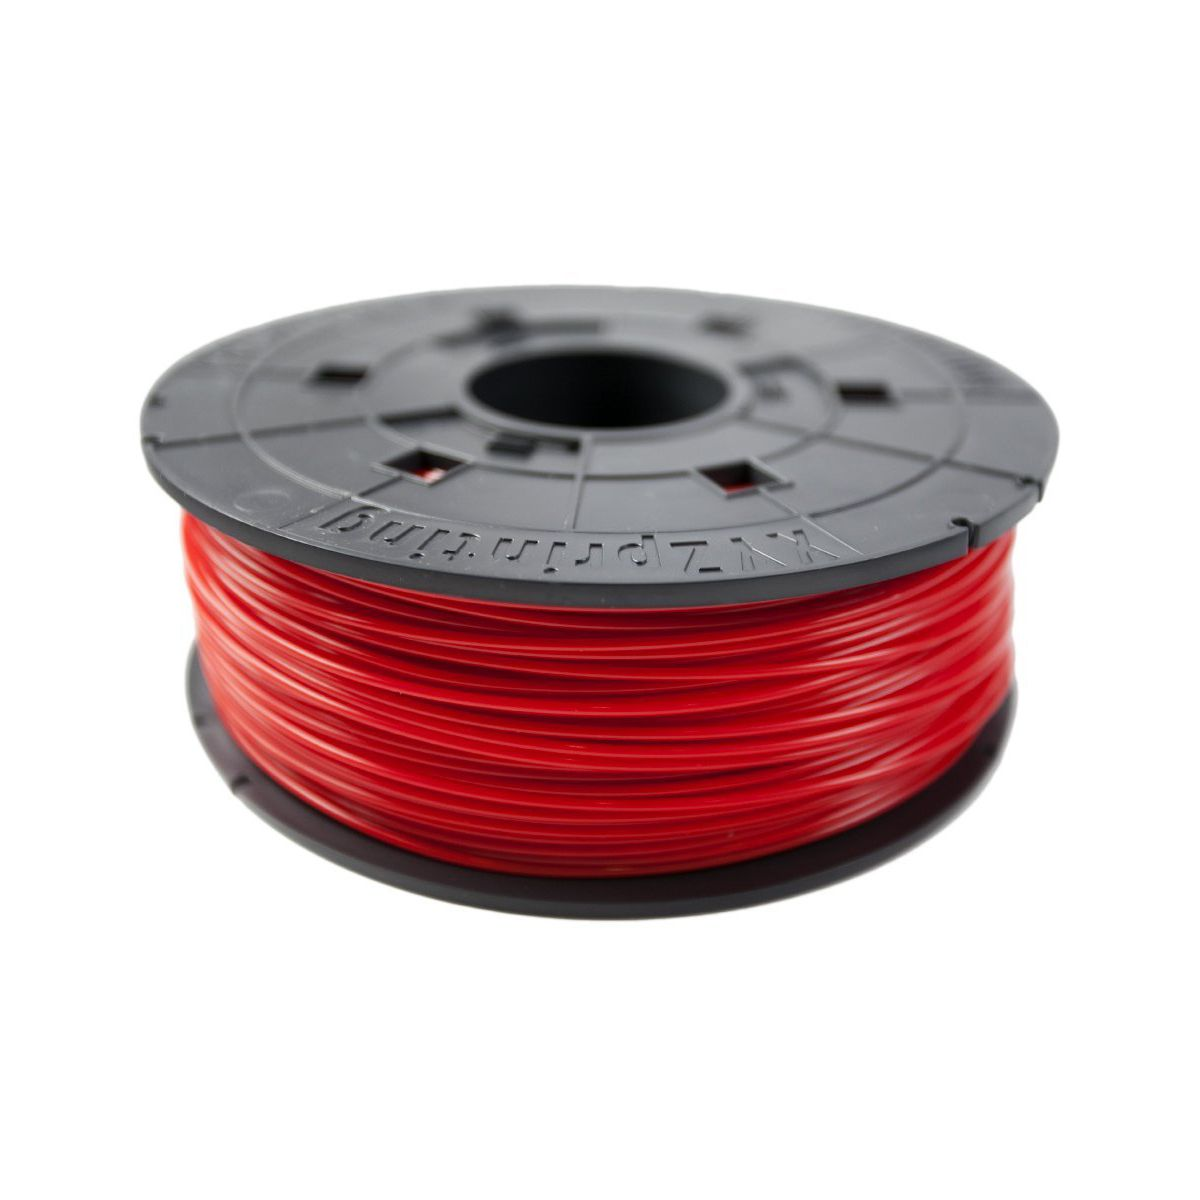 Filament 3d xyz printing filament abs rouge - 2% de remise imm...